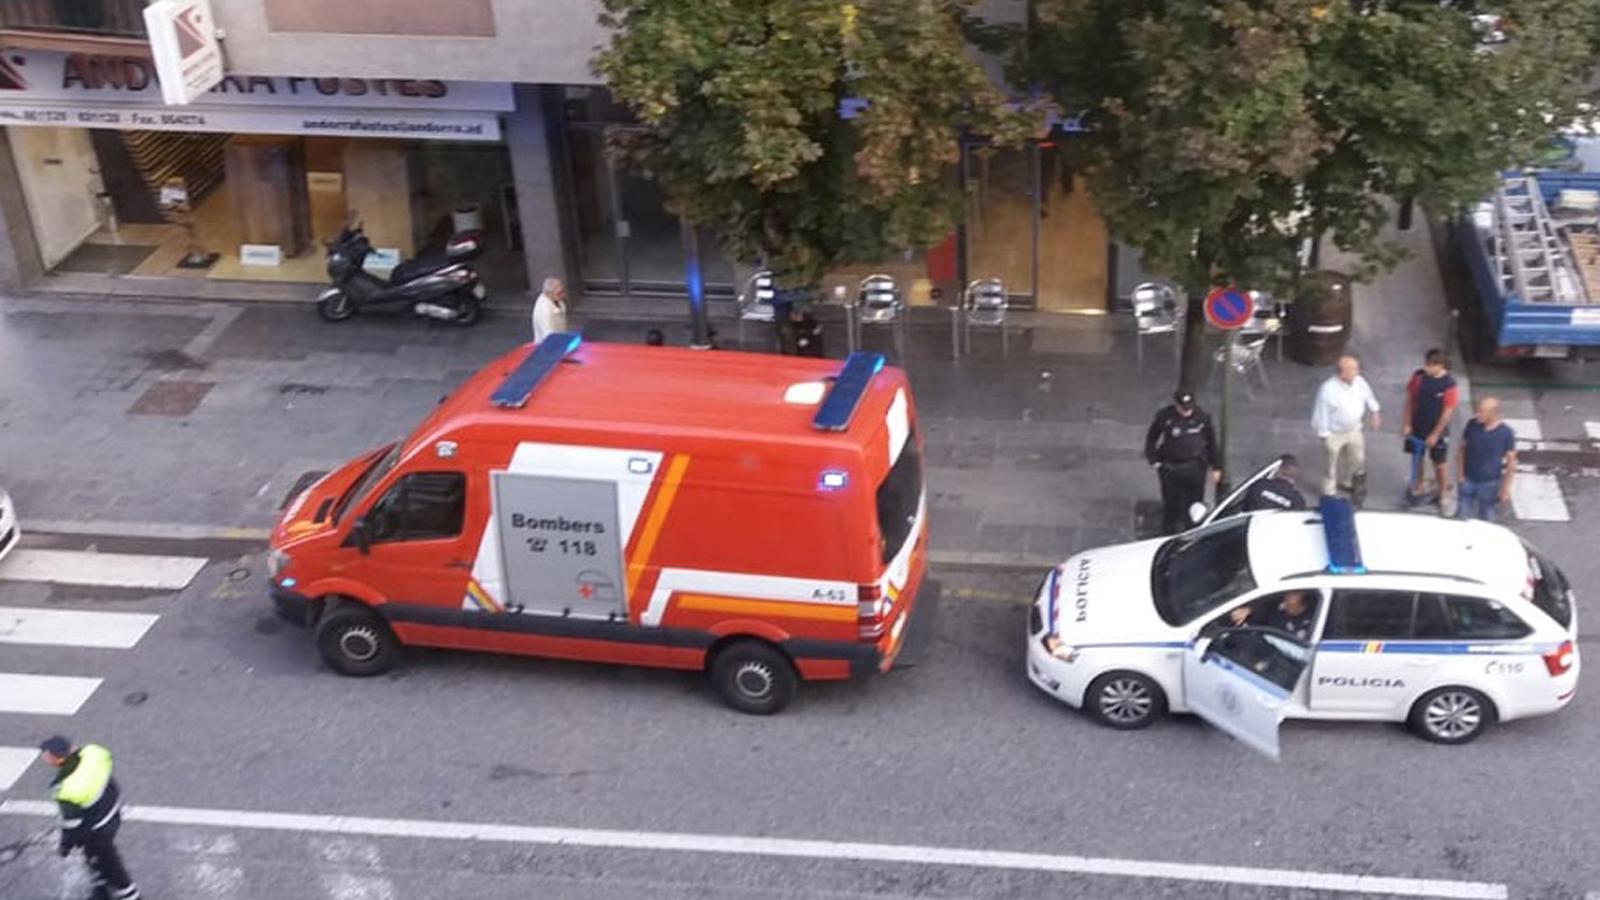 Els efectius de policia i bombers que s'han desplaçat al lloc dels fets. / A. B. (ANA)